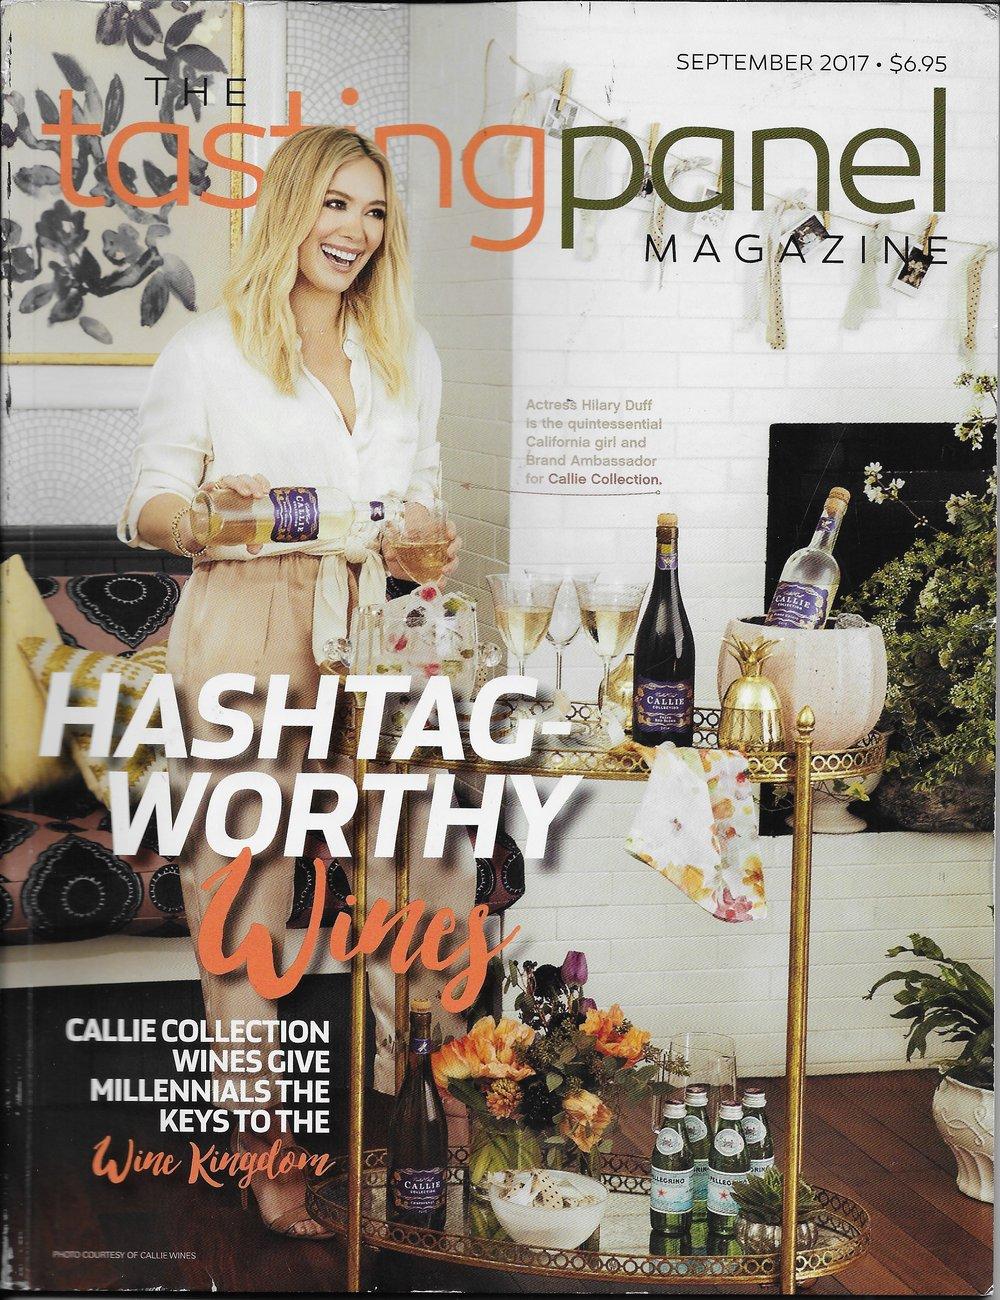 Tasting Panel Magazine Cover (Sep 2017).jpg